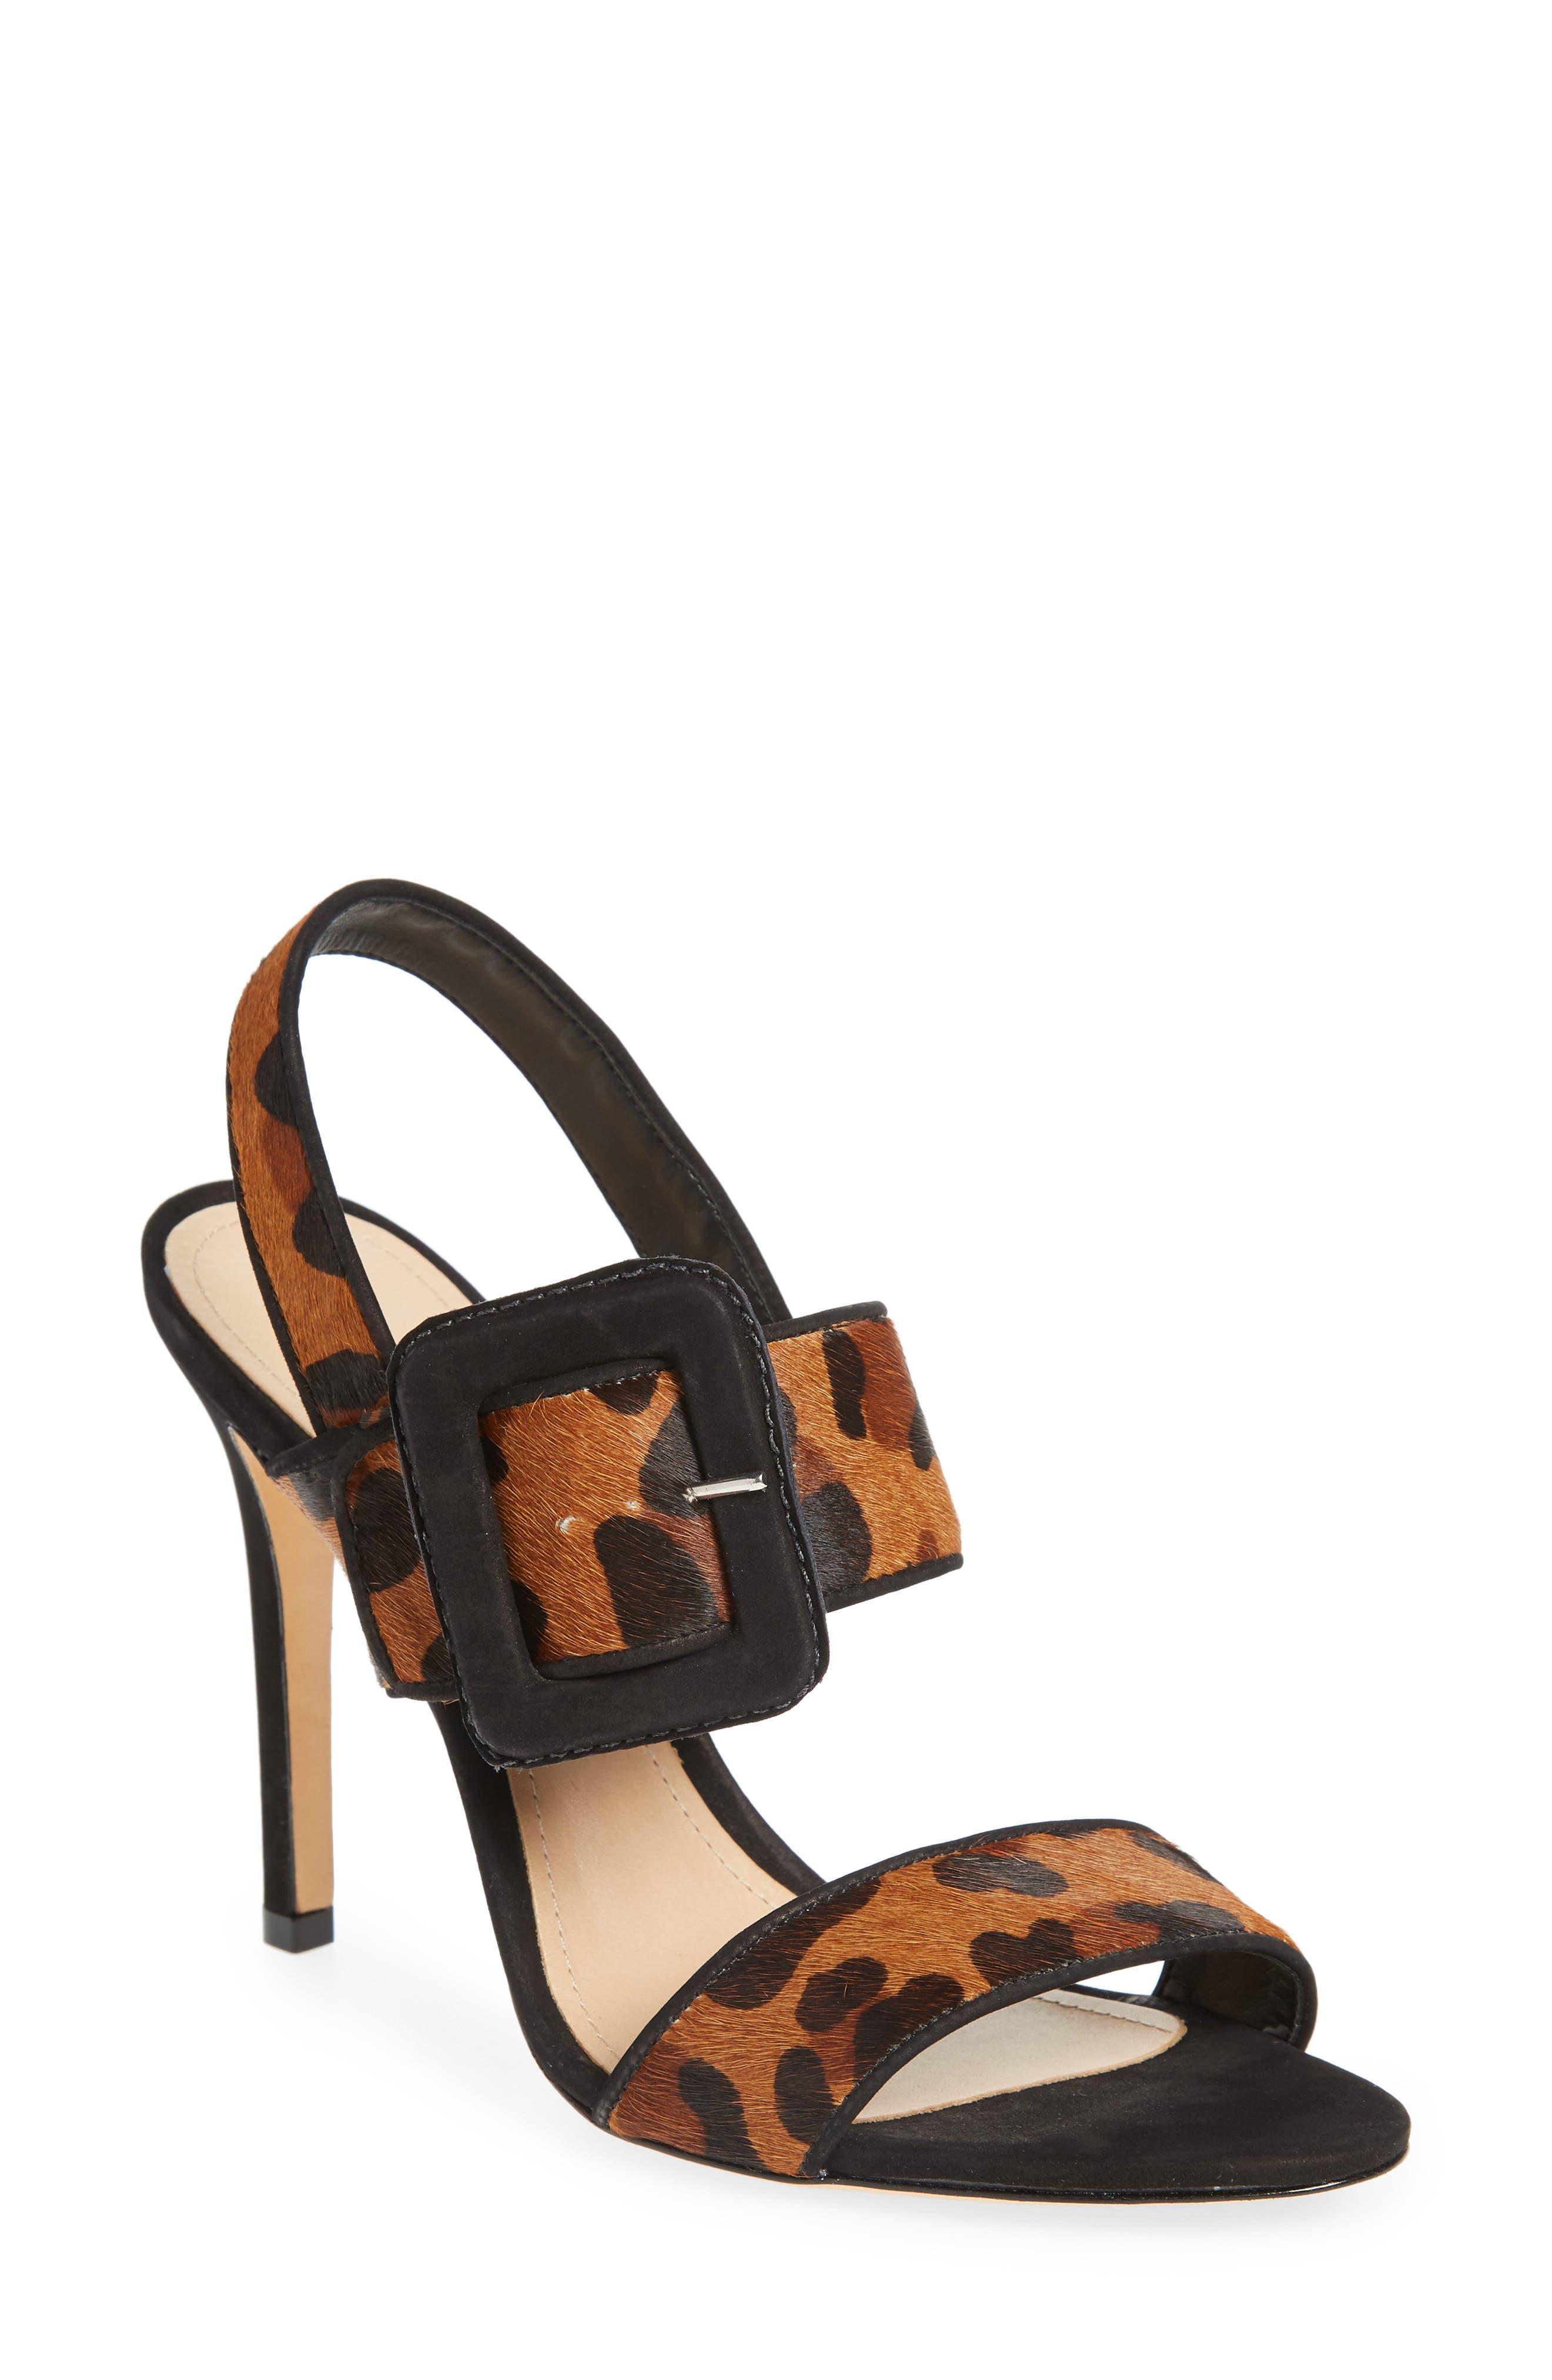 Lucci Genuine Calf Hair Sandal,                         Main,                         color, NATURAL/ BLACK